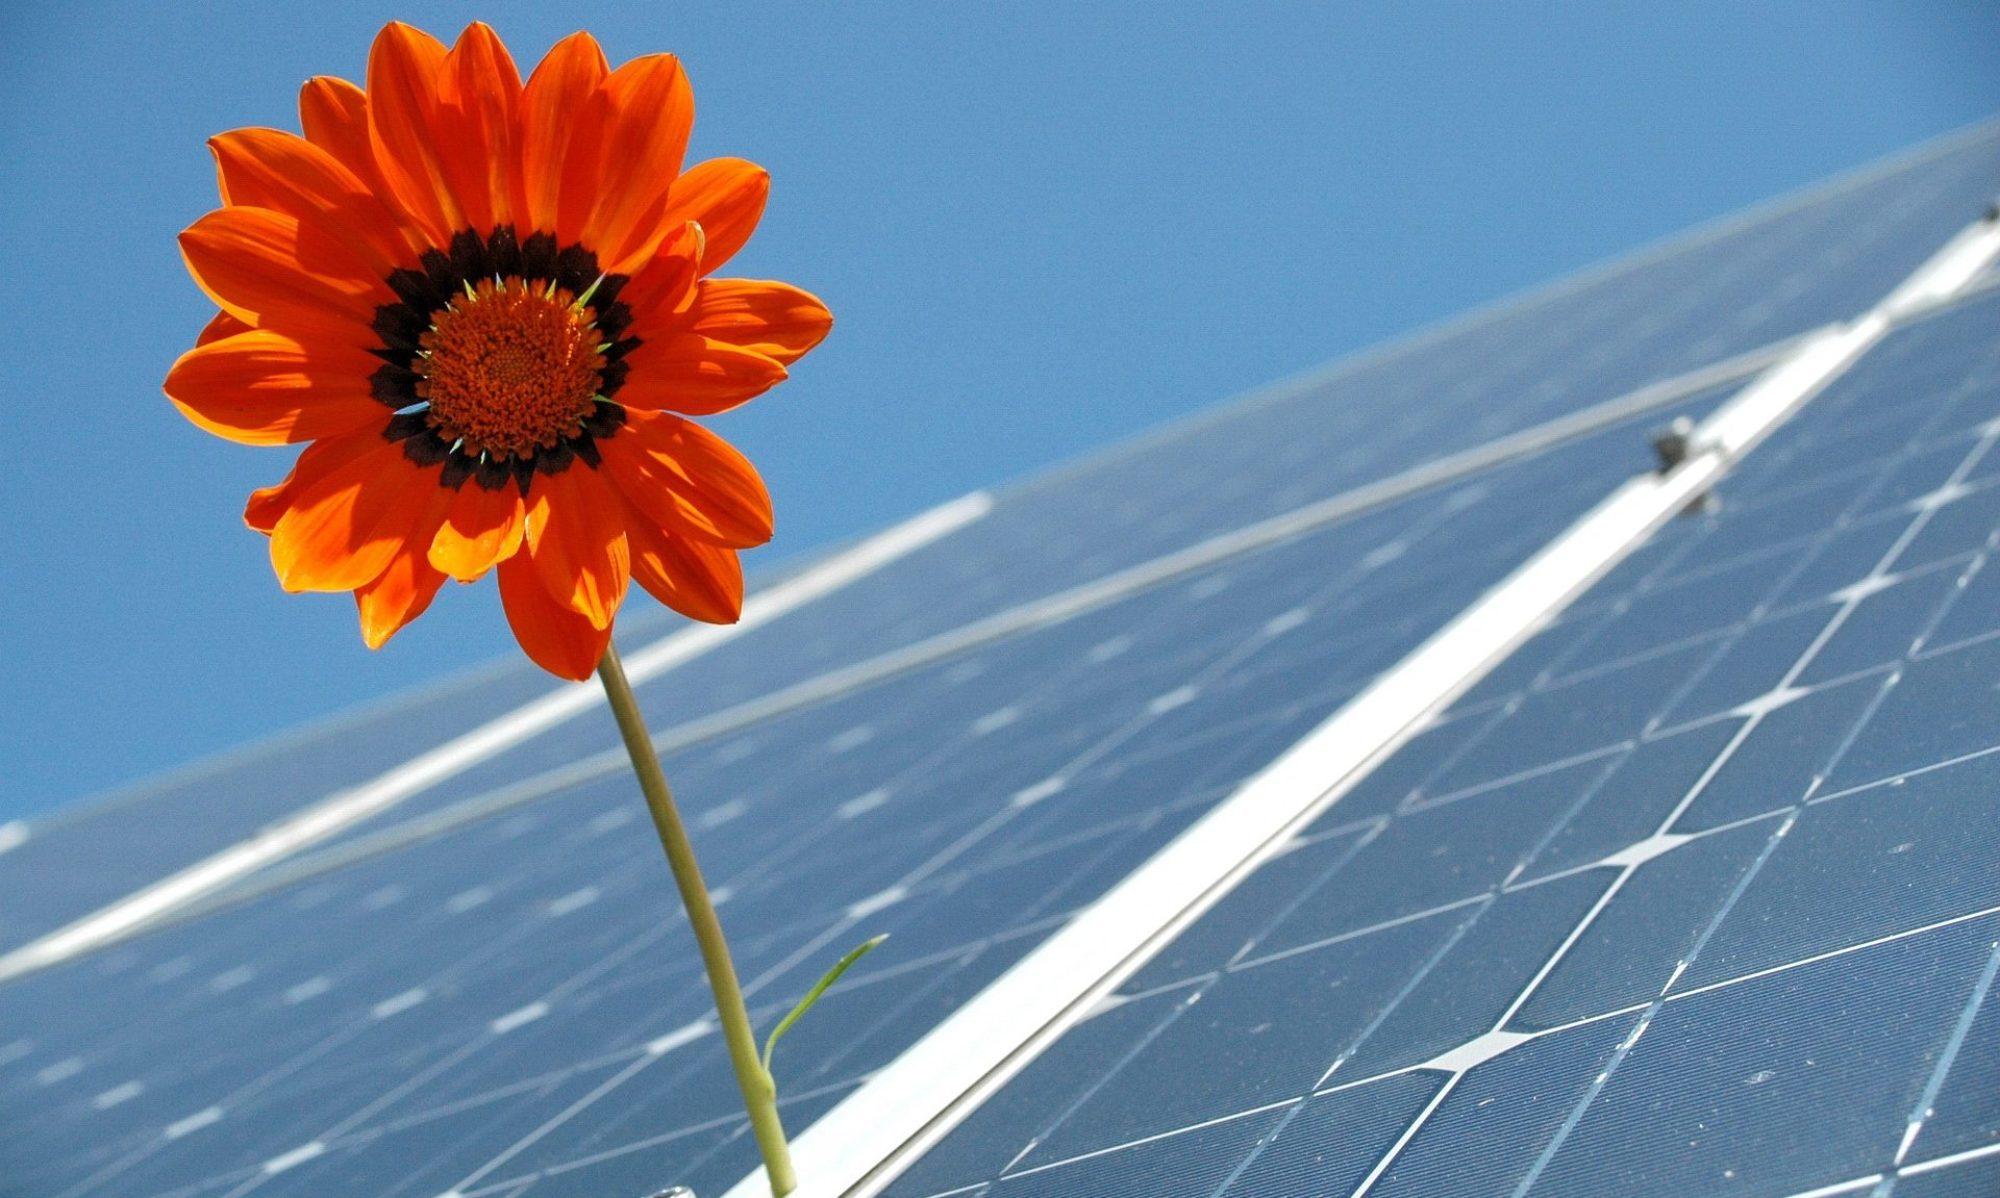 ACERPA - Association Citoyenne pour les Energies Renouvelables de la Plaine de l'Ain